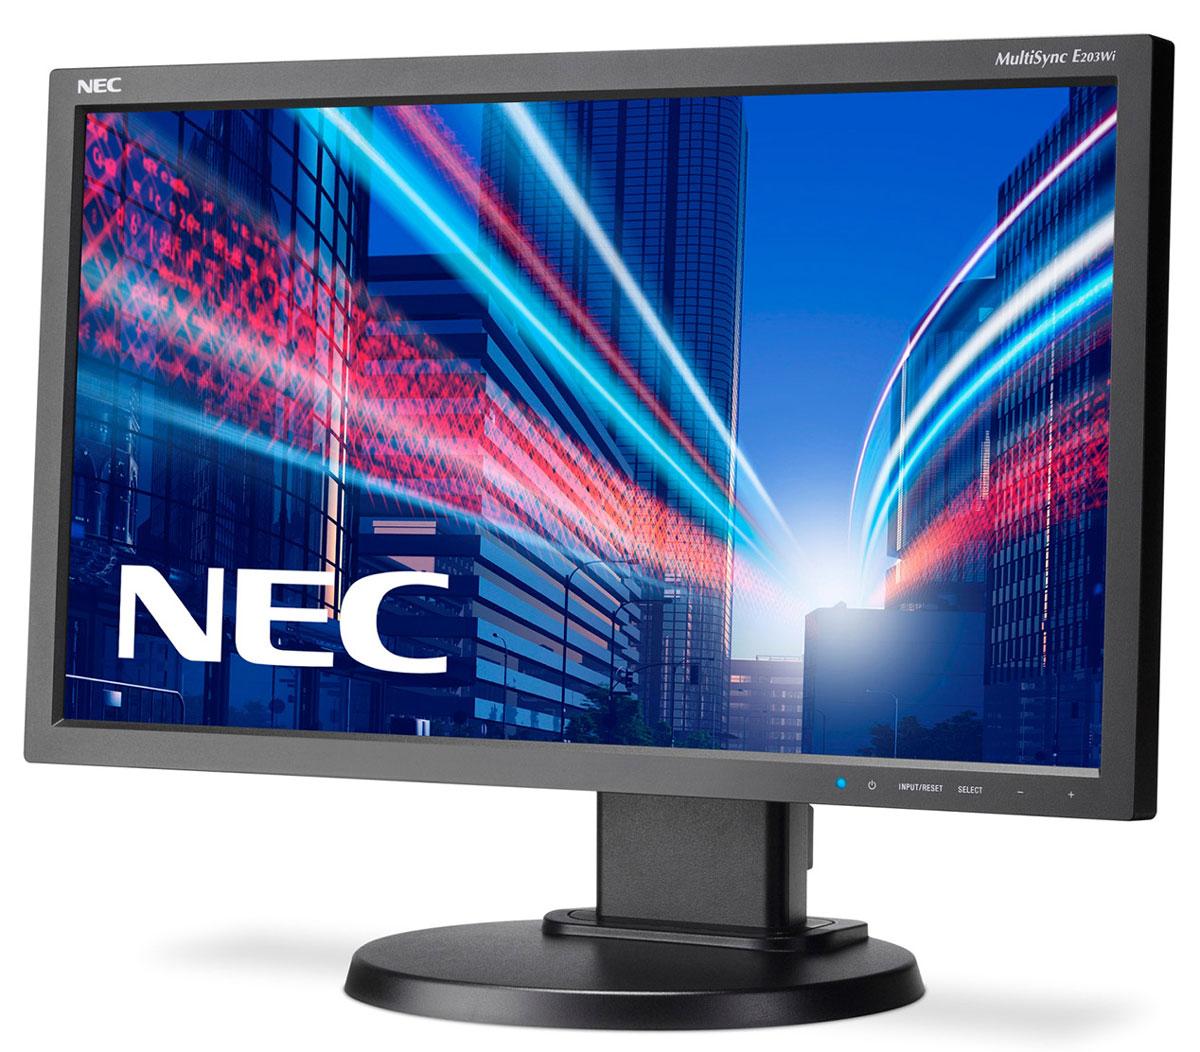 NEC E203Wi-BK, Black мониторE203Wi-BKNEC E203Wi - это экономичный 20 монитор формата 16:9. Он располагает светодиодной фоновой подсветкой, возможностью подключения через DisplayPort, а также возможностью полной регулировки. Благодаря низкому энергопотреблению и низким эксплуатационным расходам этот дисплей является идеальным решением для эксплуатации в профессиональных офисных условиях. Отличные эргономические характеристики, а также интеллектуальные свойства, например, датчик рассеянного света, обеспечивают удобство в обращении и позволяют повысить производительность. Идеальное решение для стандартной эксплуатации в офисах крупного и среднего бизнеса с учетом экологического фактора!